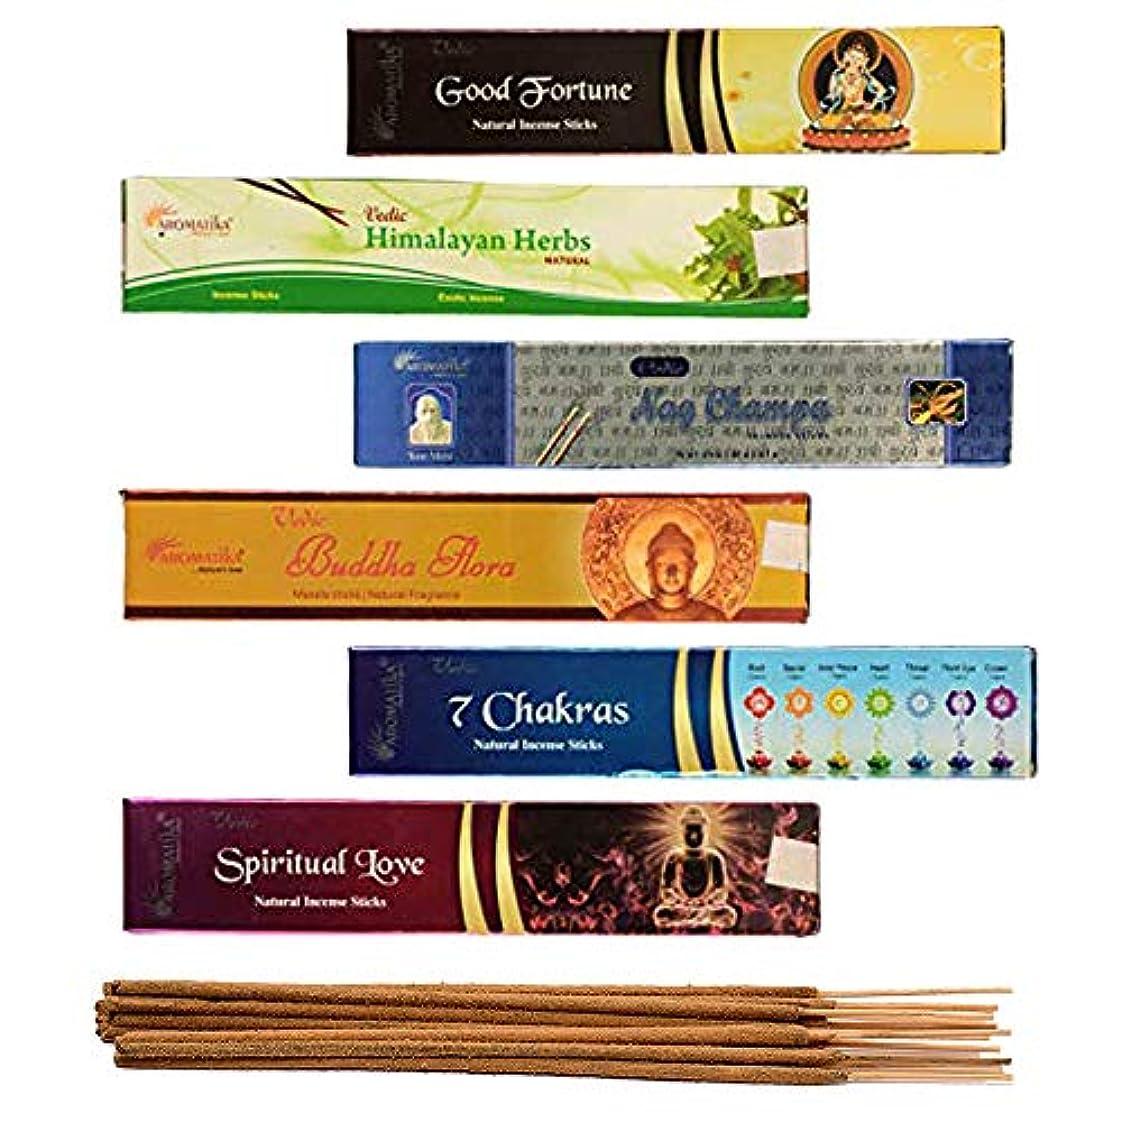 一般的にポンペイこねるaromatika 6 Assorted Masala Incense Sticks Vedic Nag Champa、7チャクラ、ブッダFlora、Himalayanハーブ、Good Fortune、Spiritual...